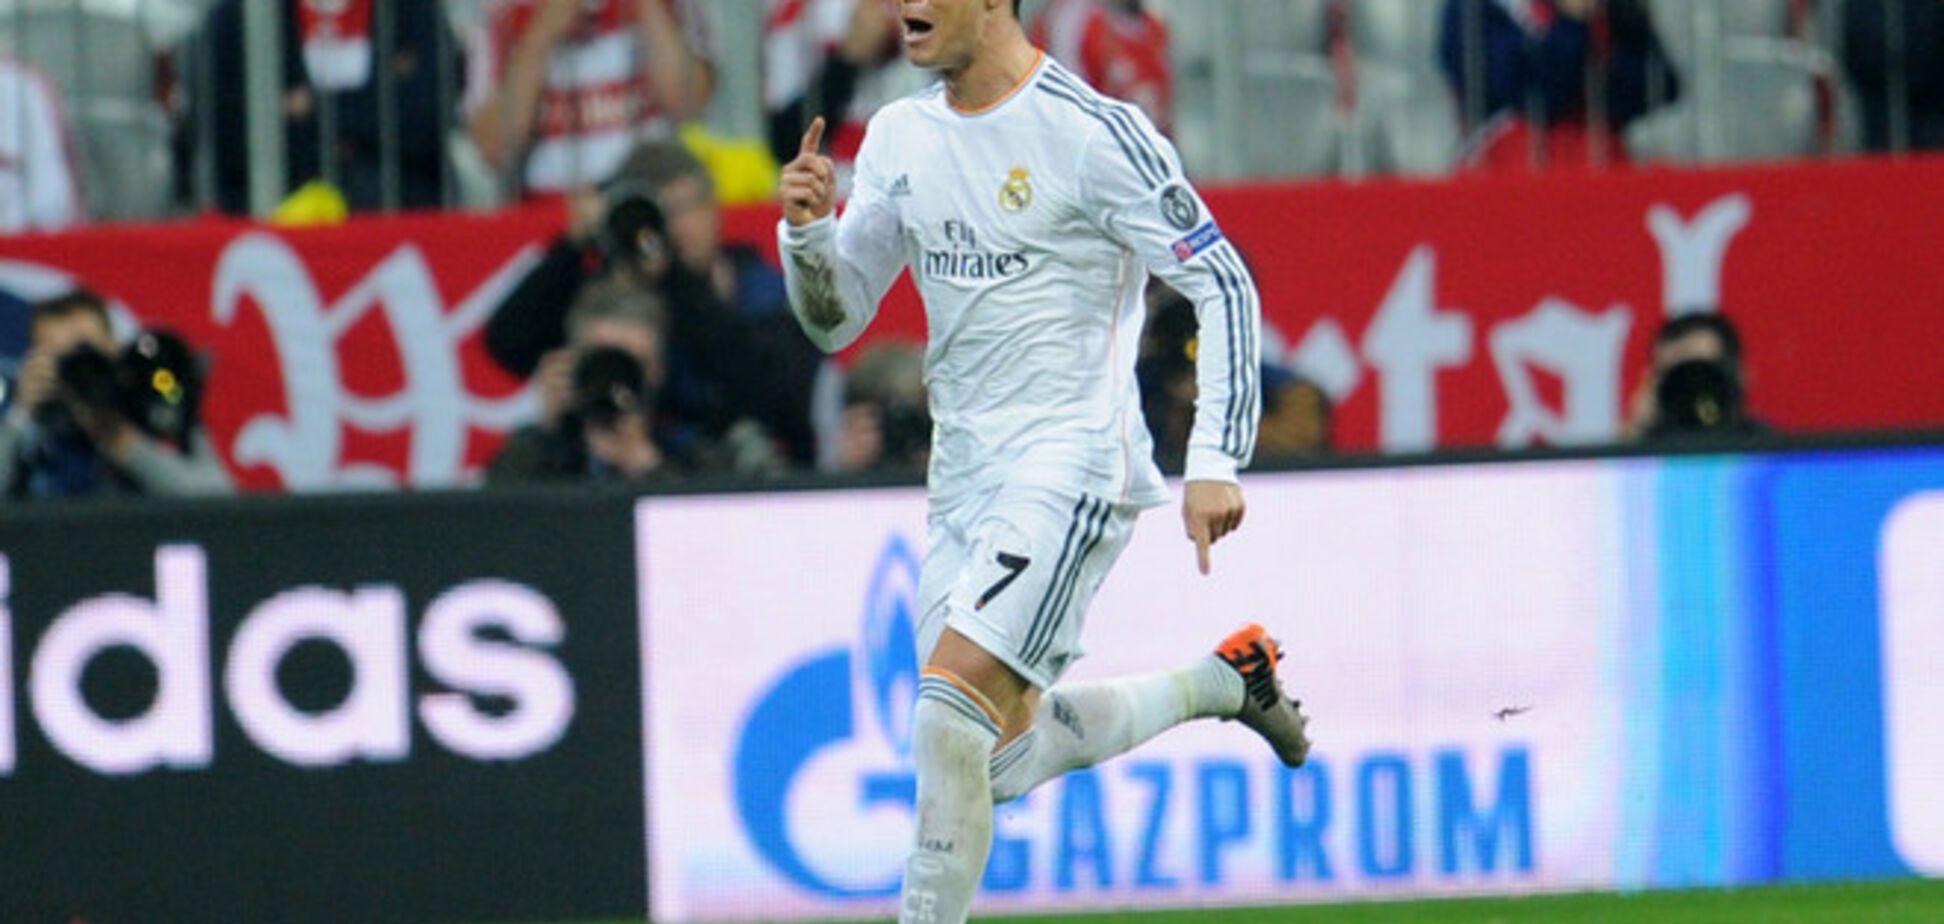 Роналду вышел на первое место по количеству голов среди действующих футболистов